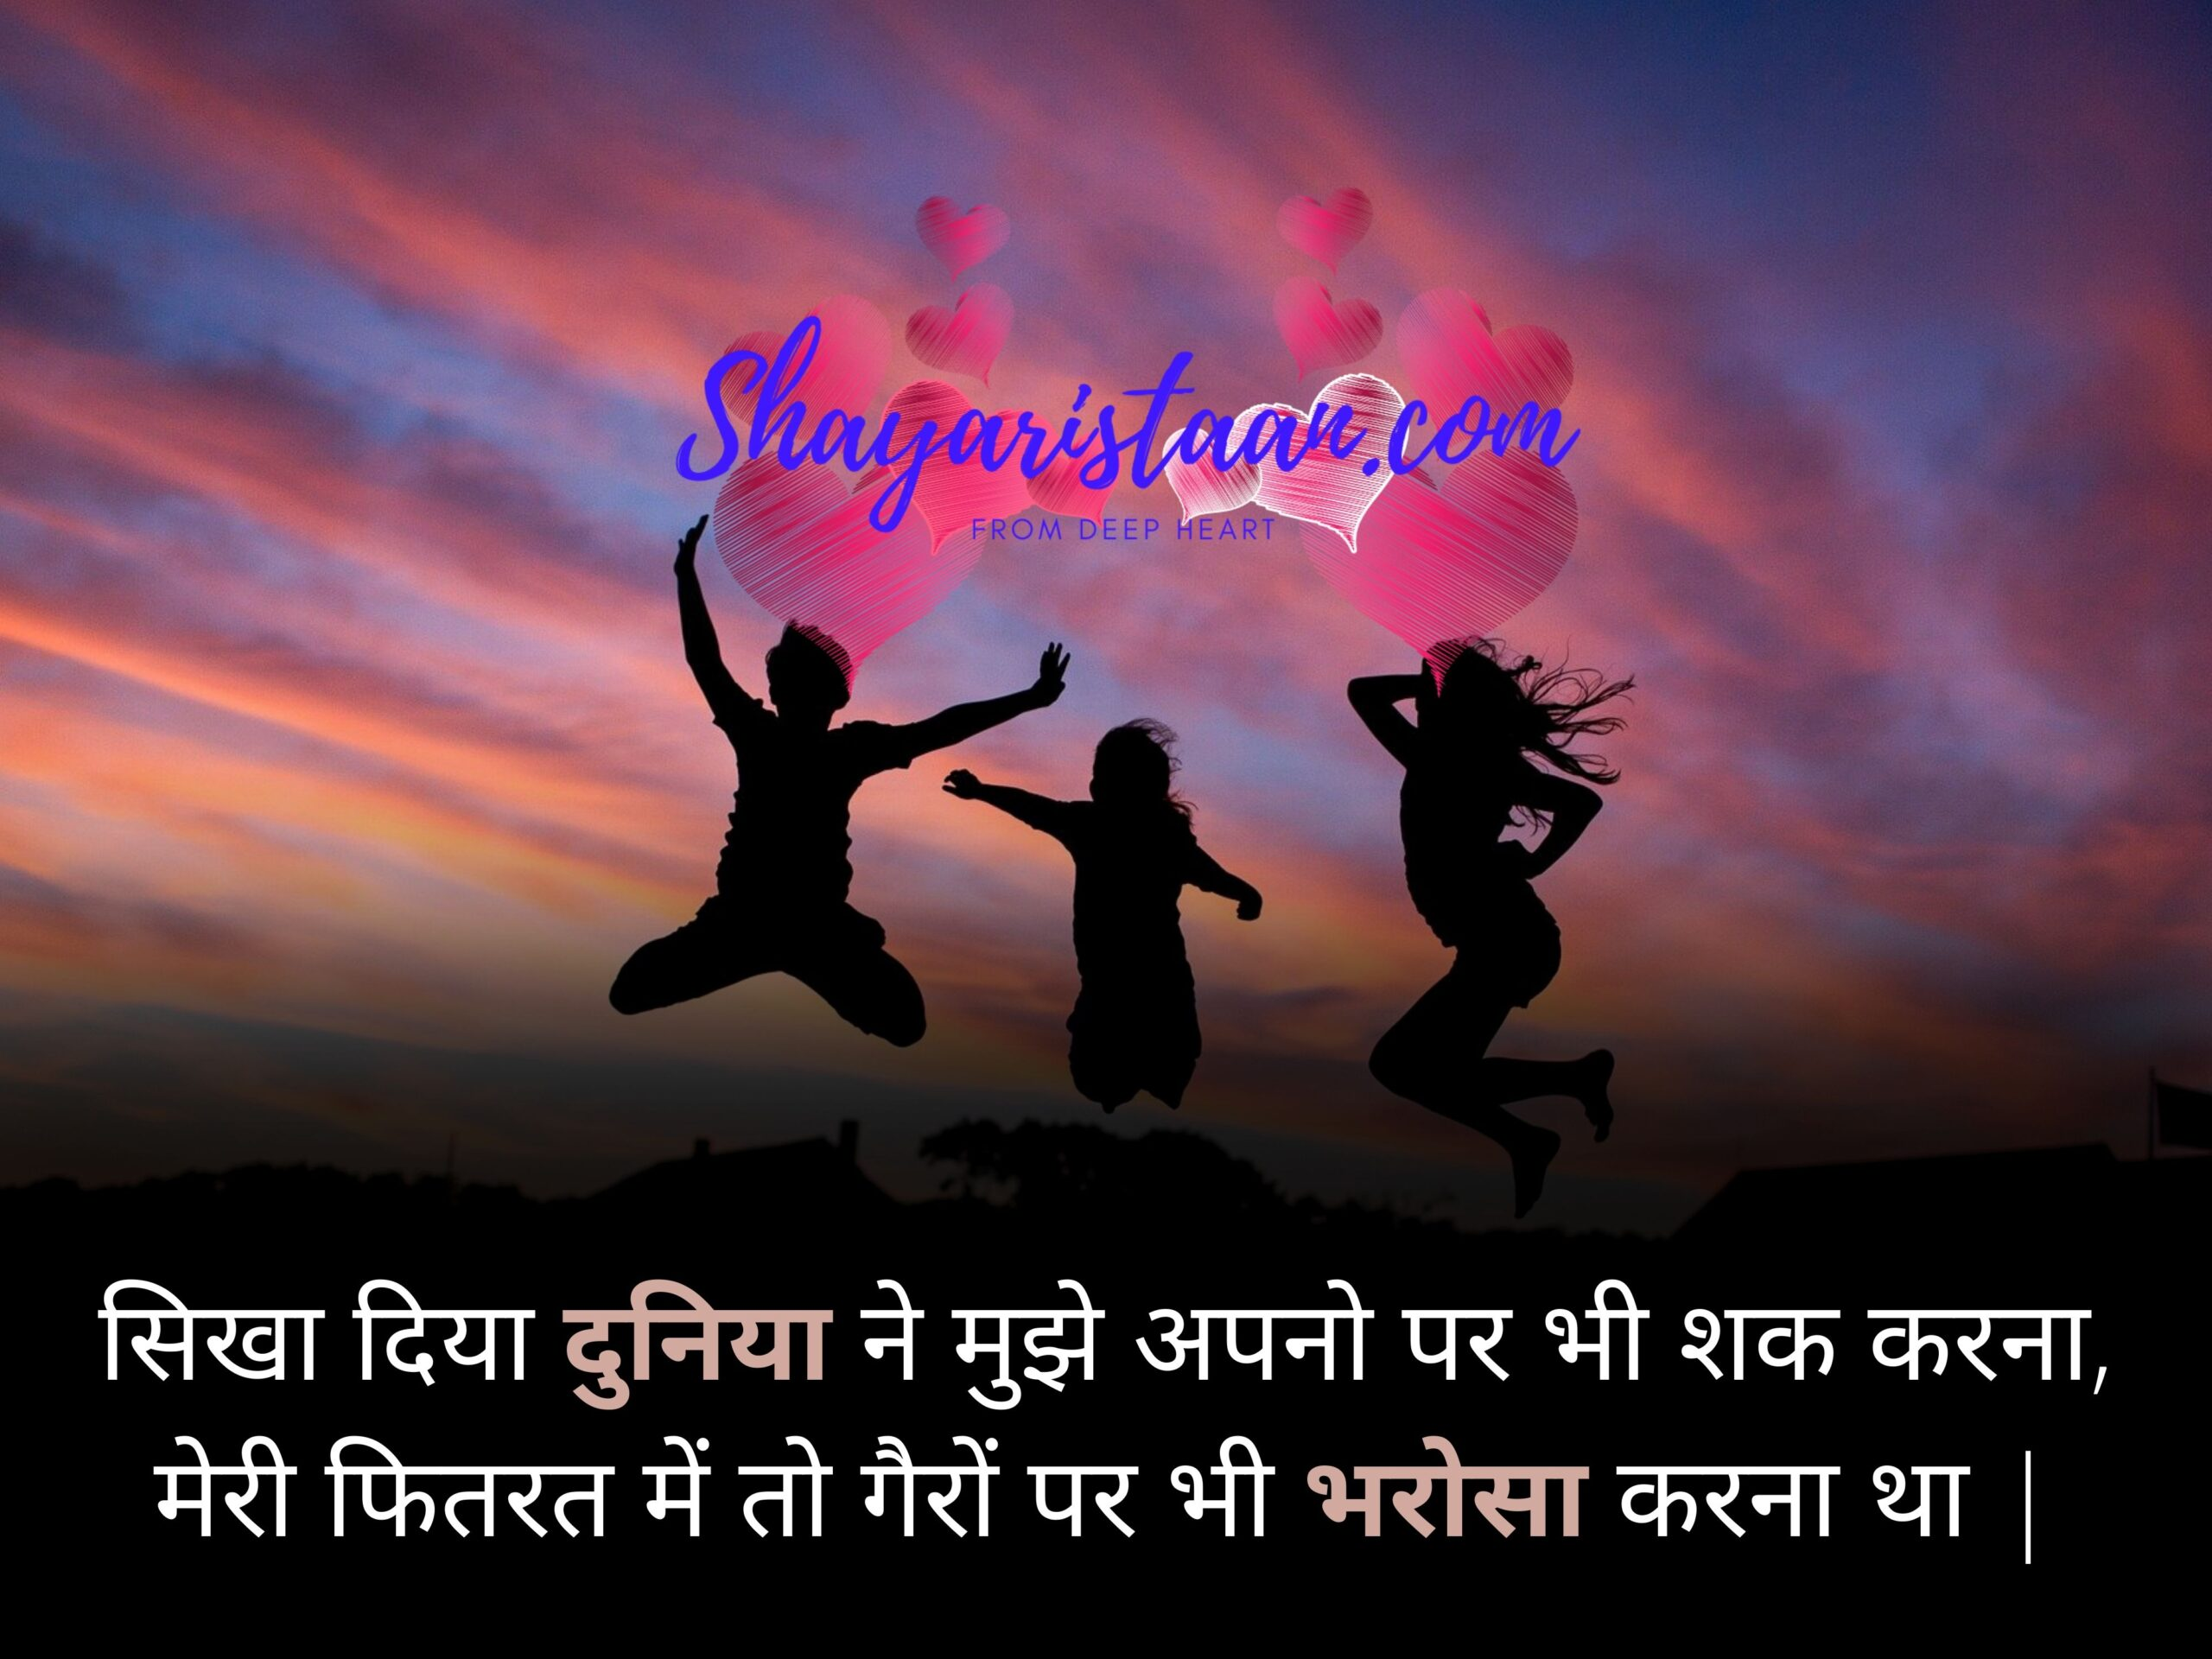 sad shayari in hindi for life   सिखा दिया दुनिया ने मुझे अपनो पर भी शक करना, मेरी फितरत में तो गैरों पर भी भरोसा करना था  